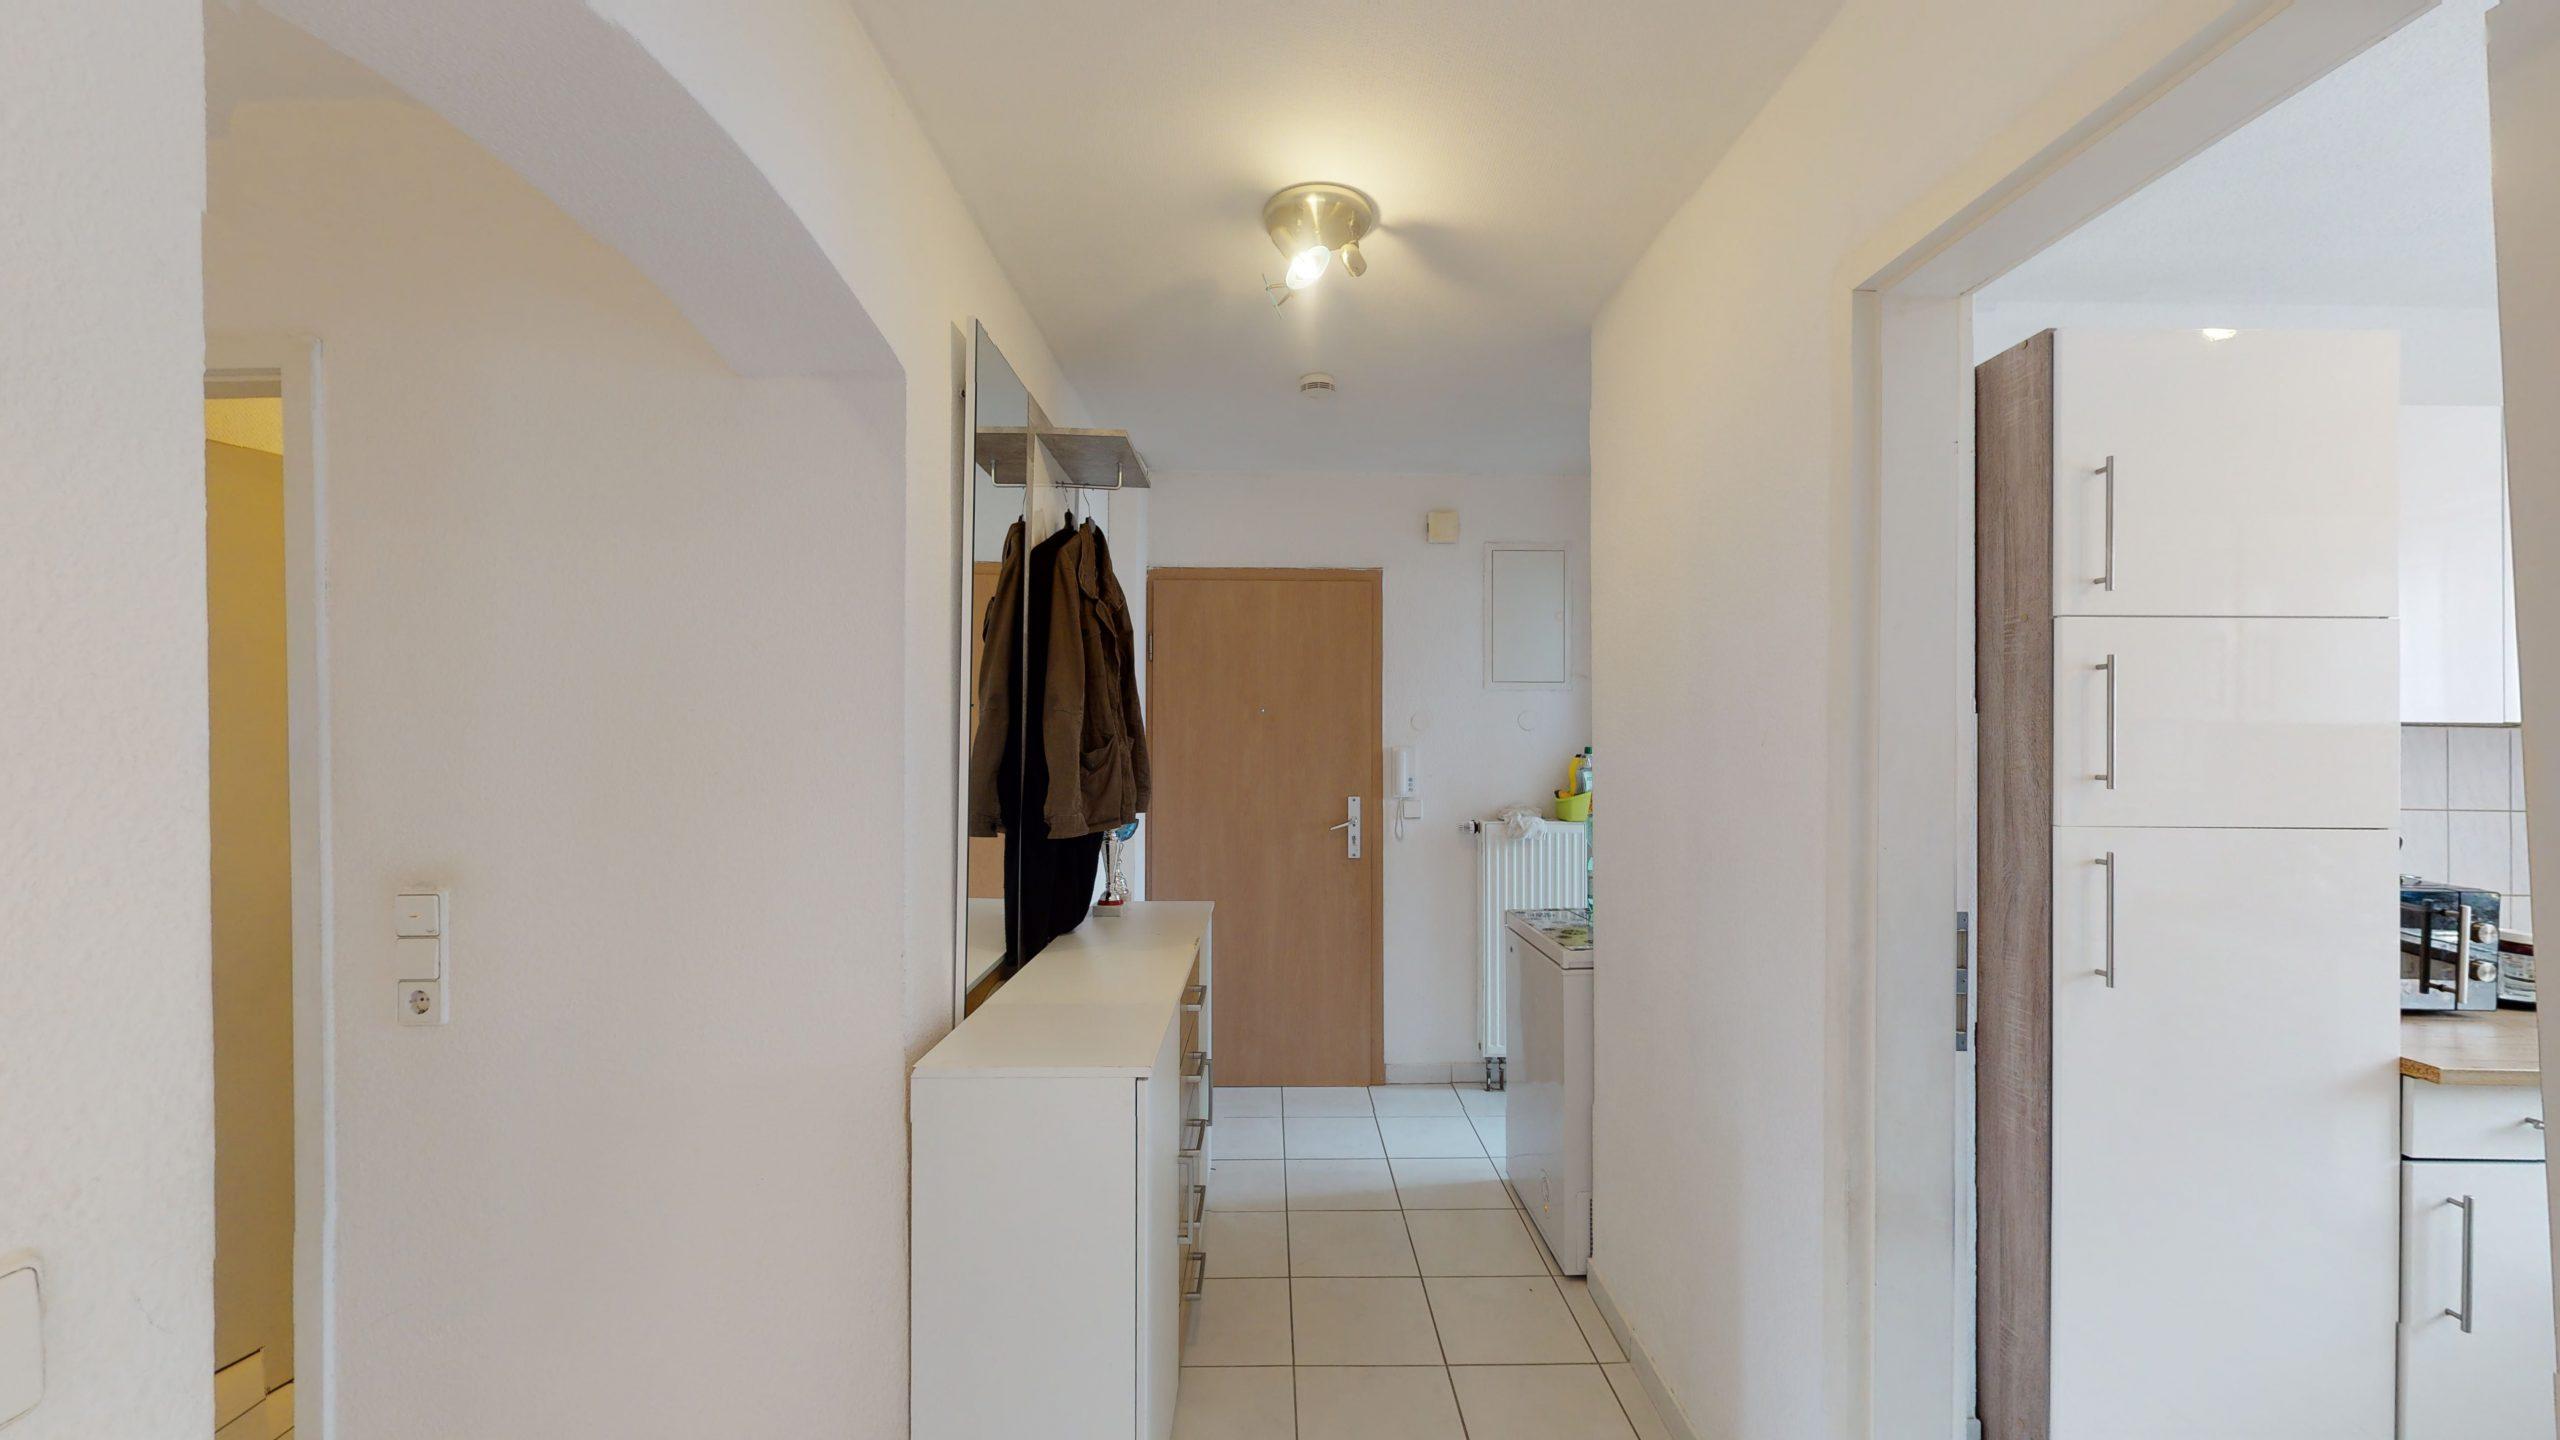 Schone-4-Zimmer-Wohnung-mit-2-Balkonen-und-viel-Platz-in-Altbach-02162021_095448